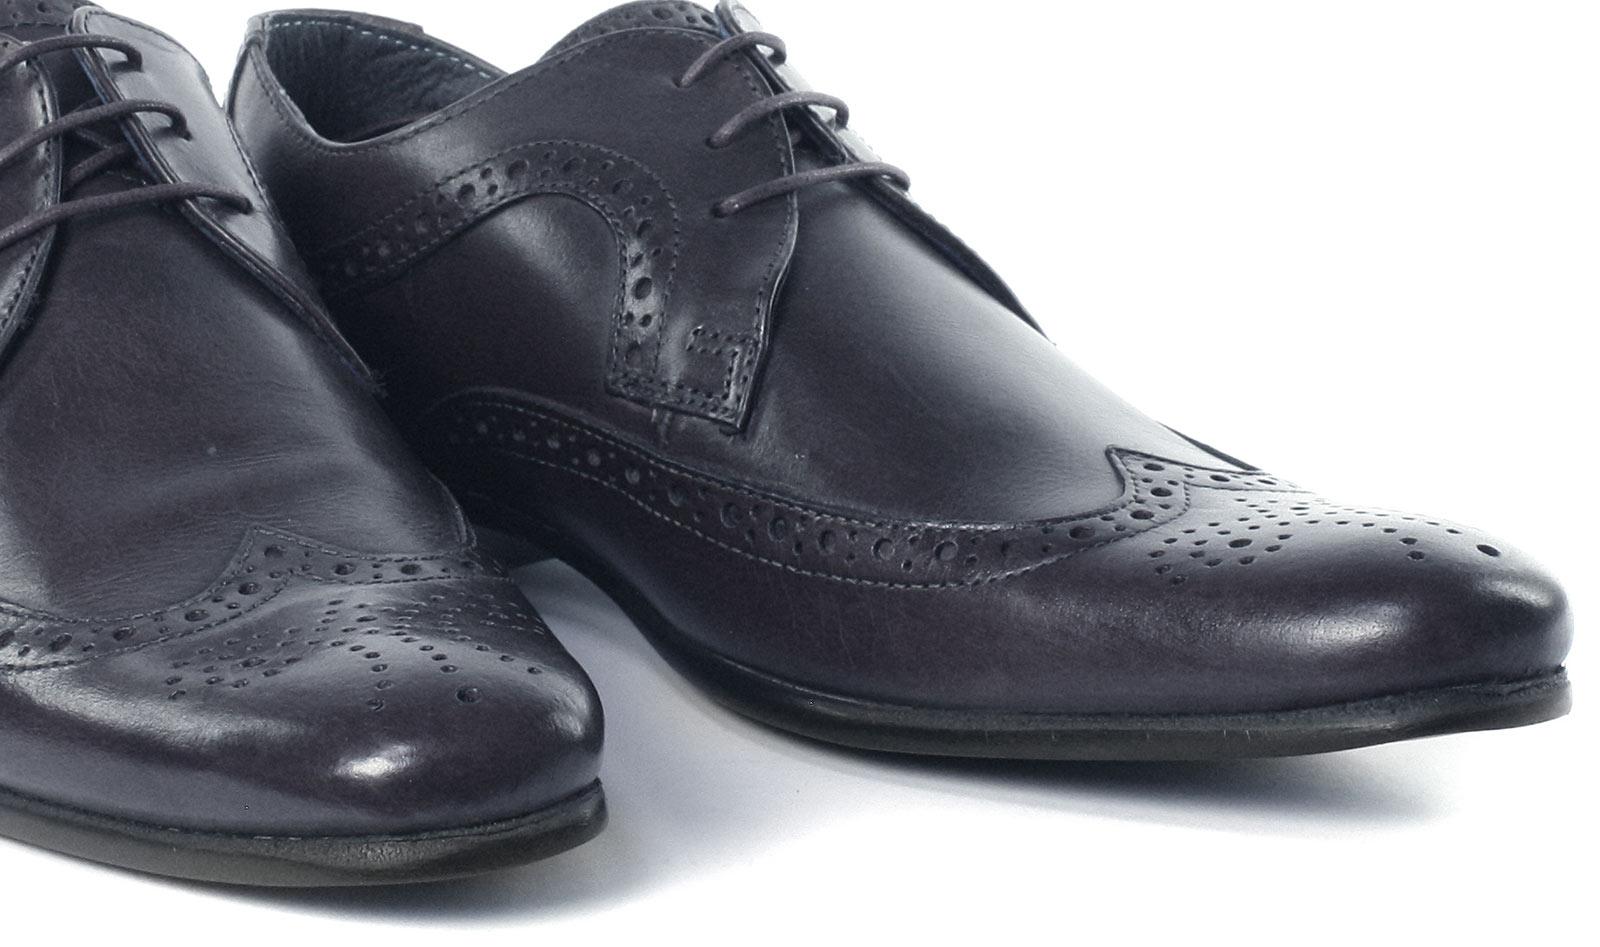 Nuevo Rojo Tape Louth Con Cordones Para Hombre Formales Zapatos Todas Las Tallas Y Colores